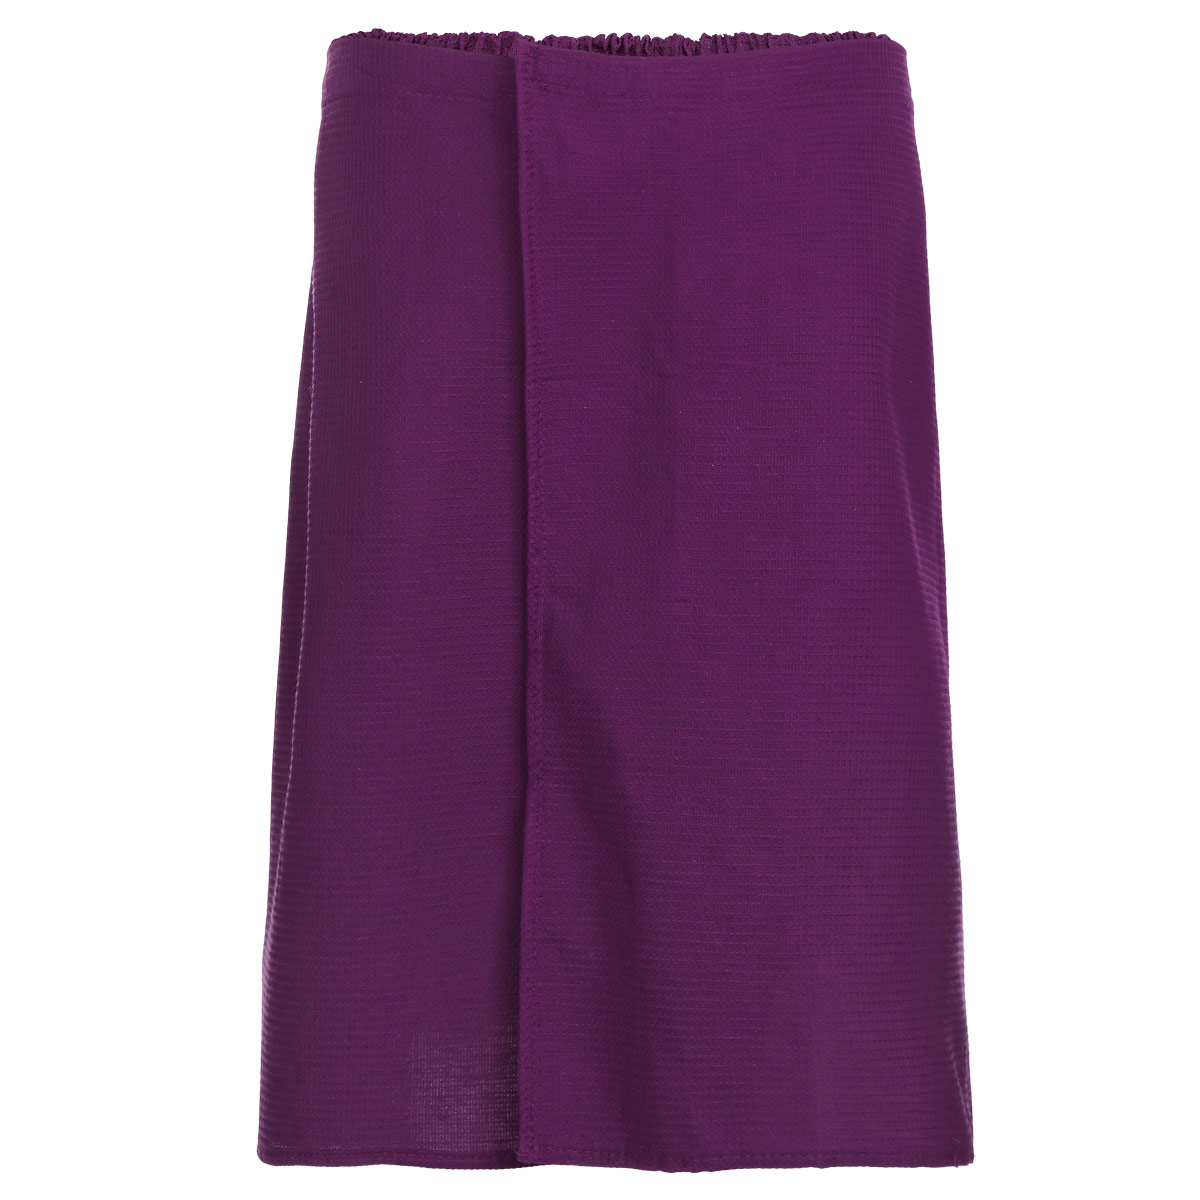 Килт для бани и сауны Банные штучки, мужской, цвет: фиолетовый килт махровый фиолетовый